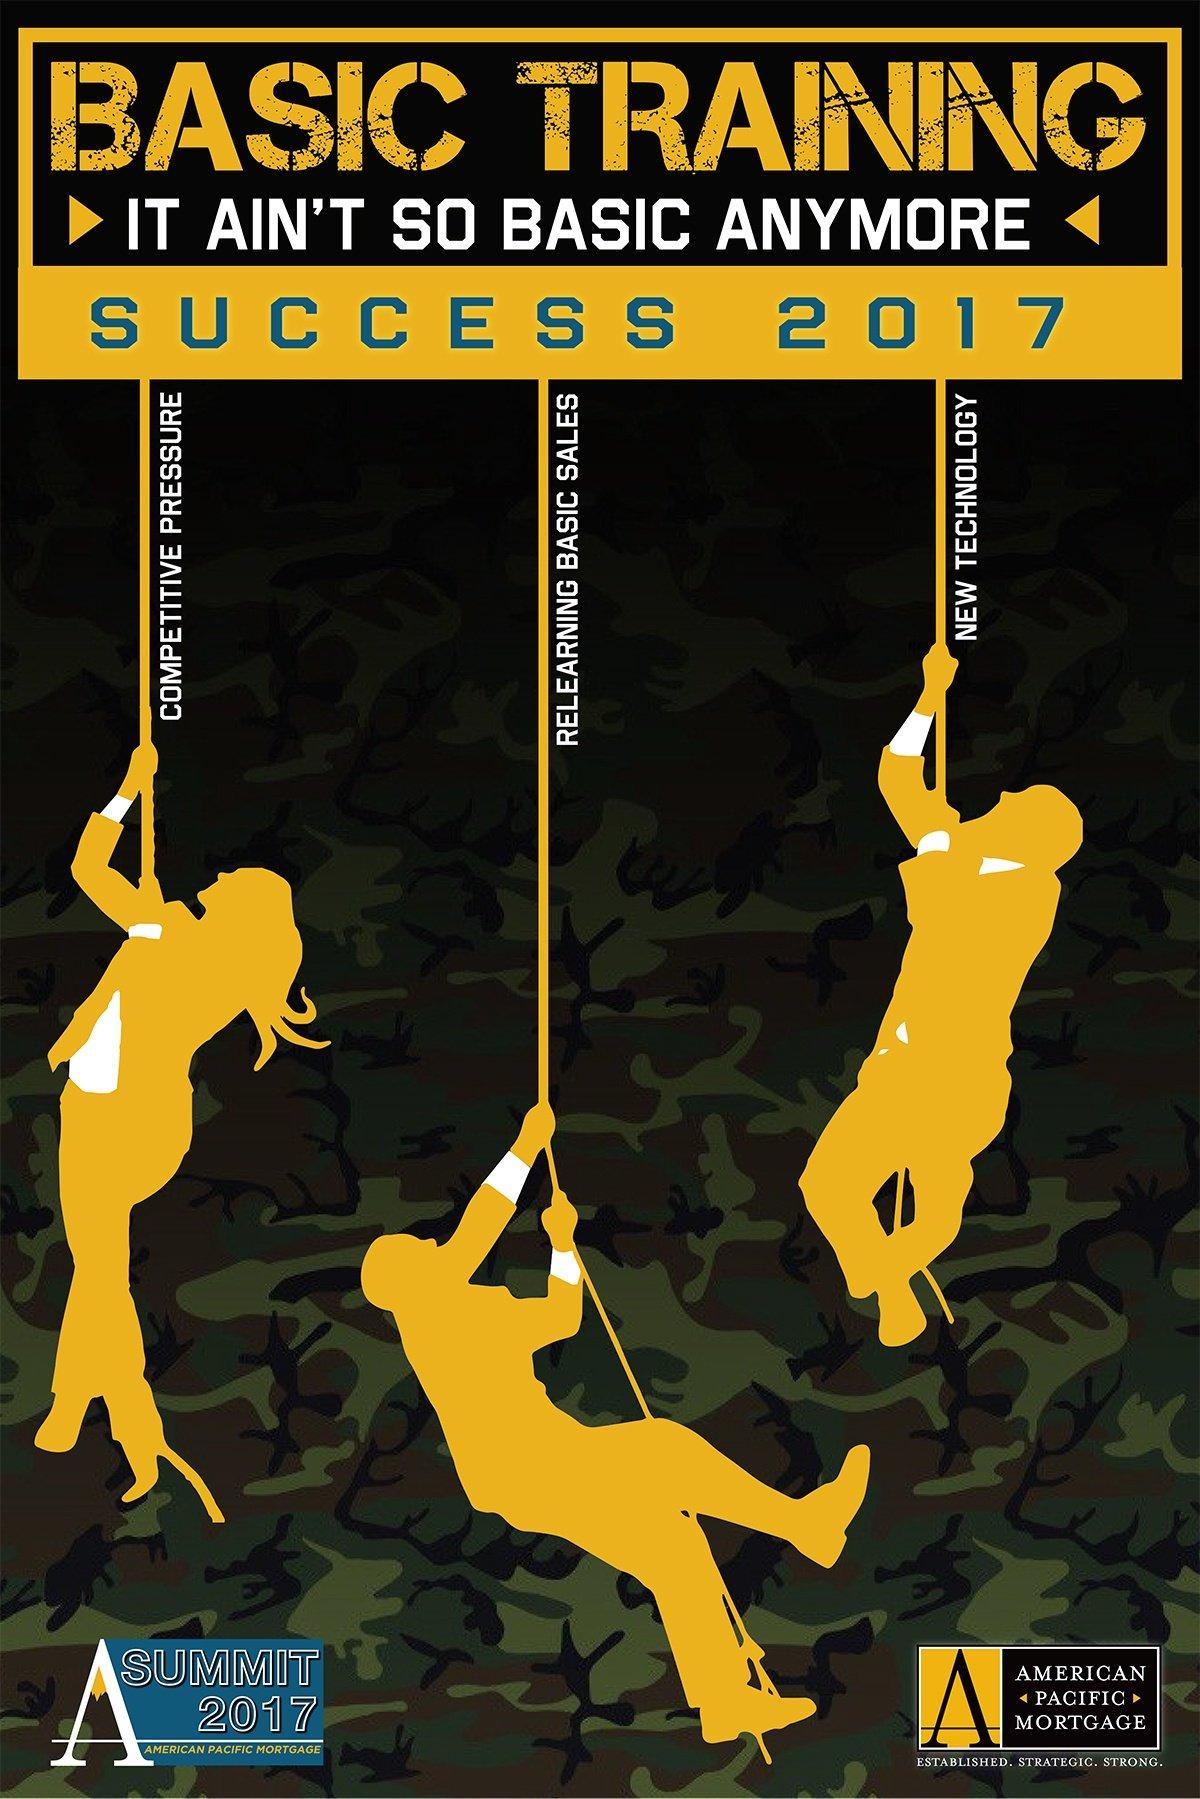 Summit_Rope_Poster-1.jpg